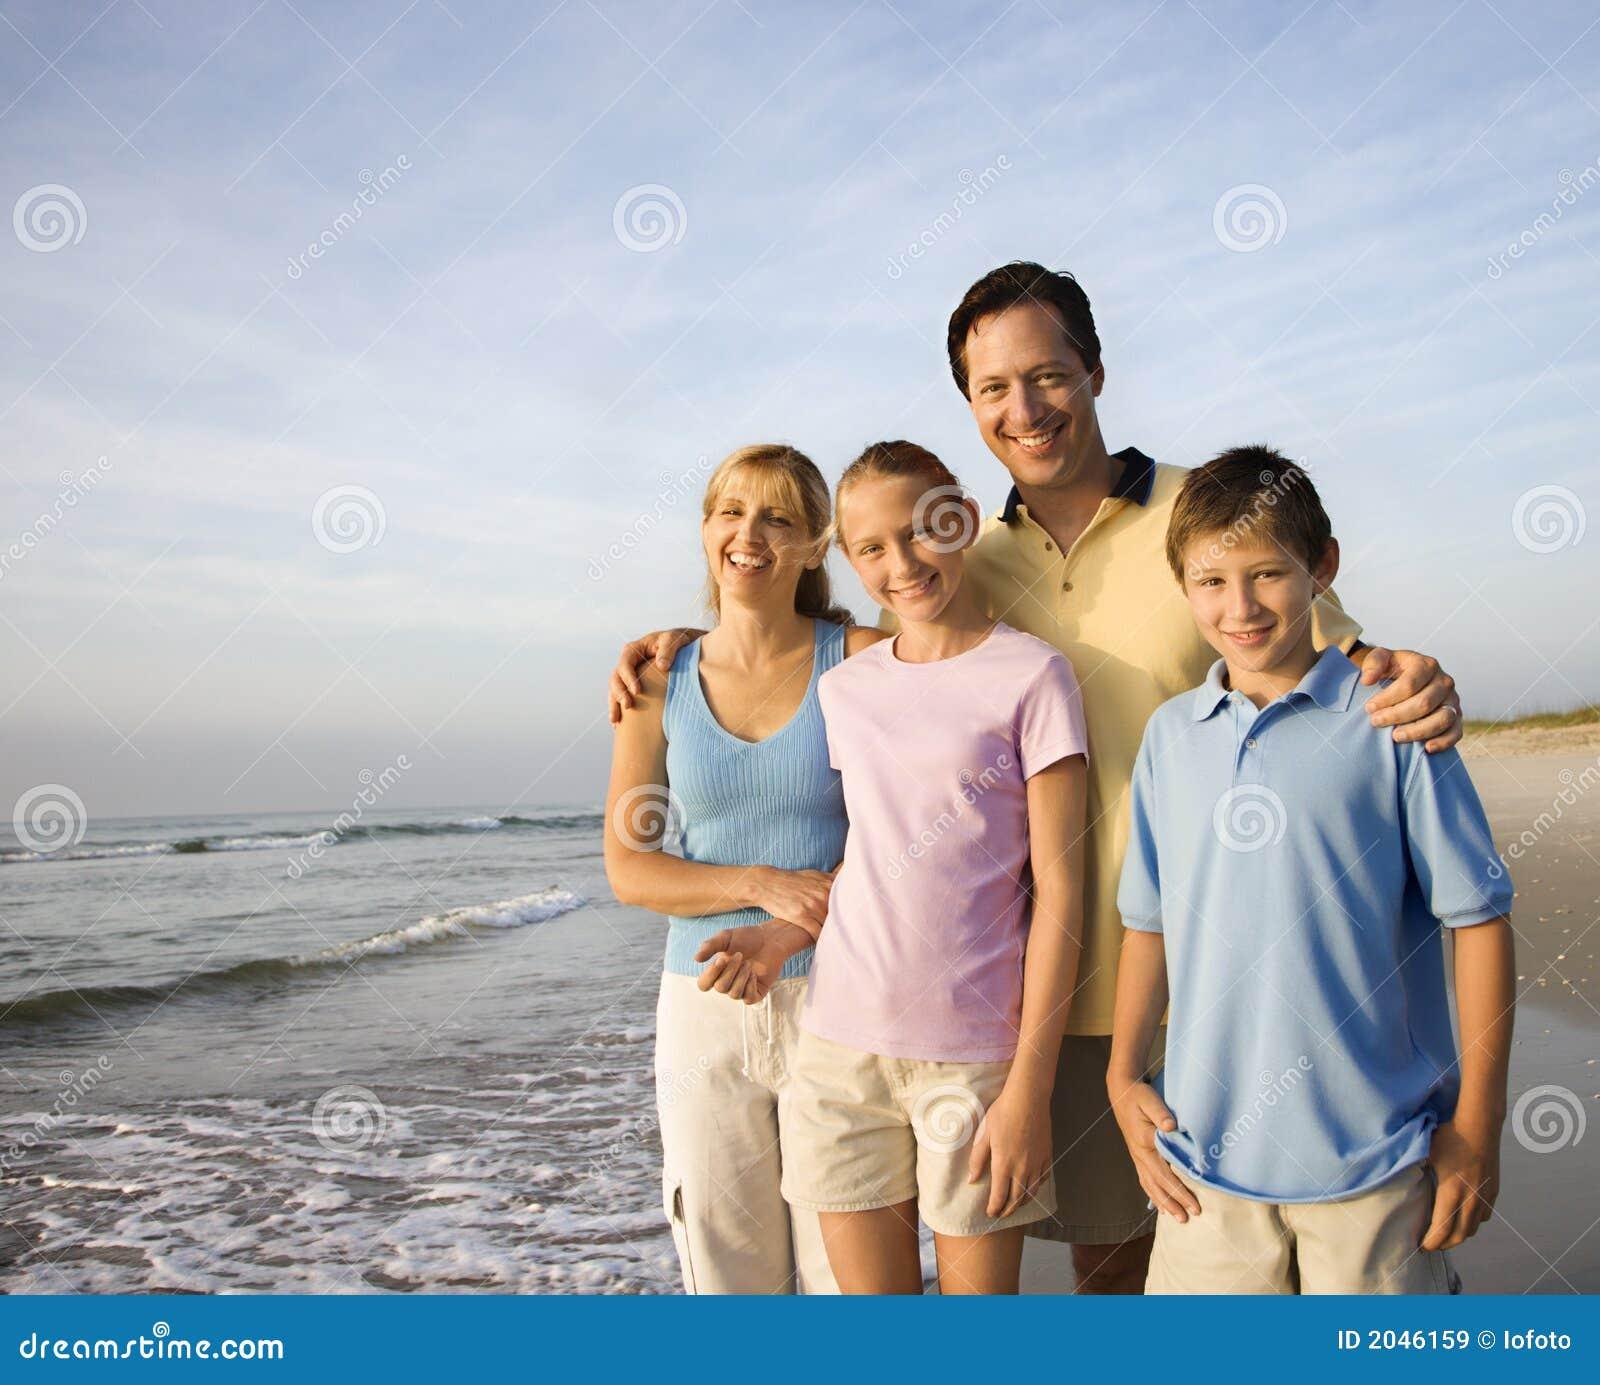 усмехаться семьи пляжа